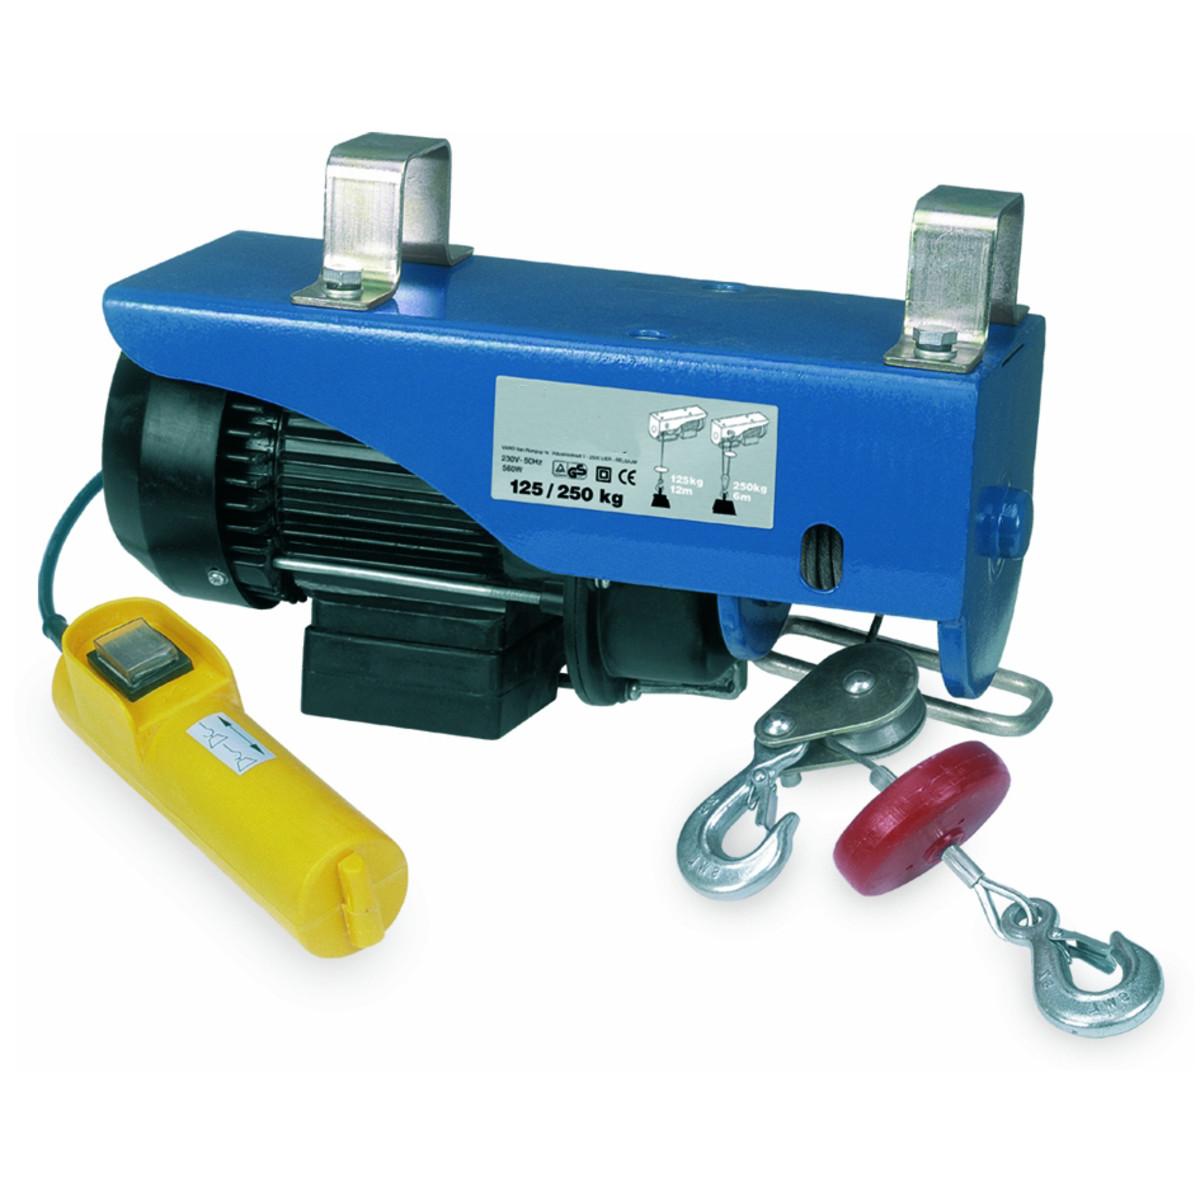 Paranco elettrico 230 v per sollevamento prezzo e - Scaldabagno elettrico leroy merlin ...